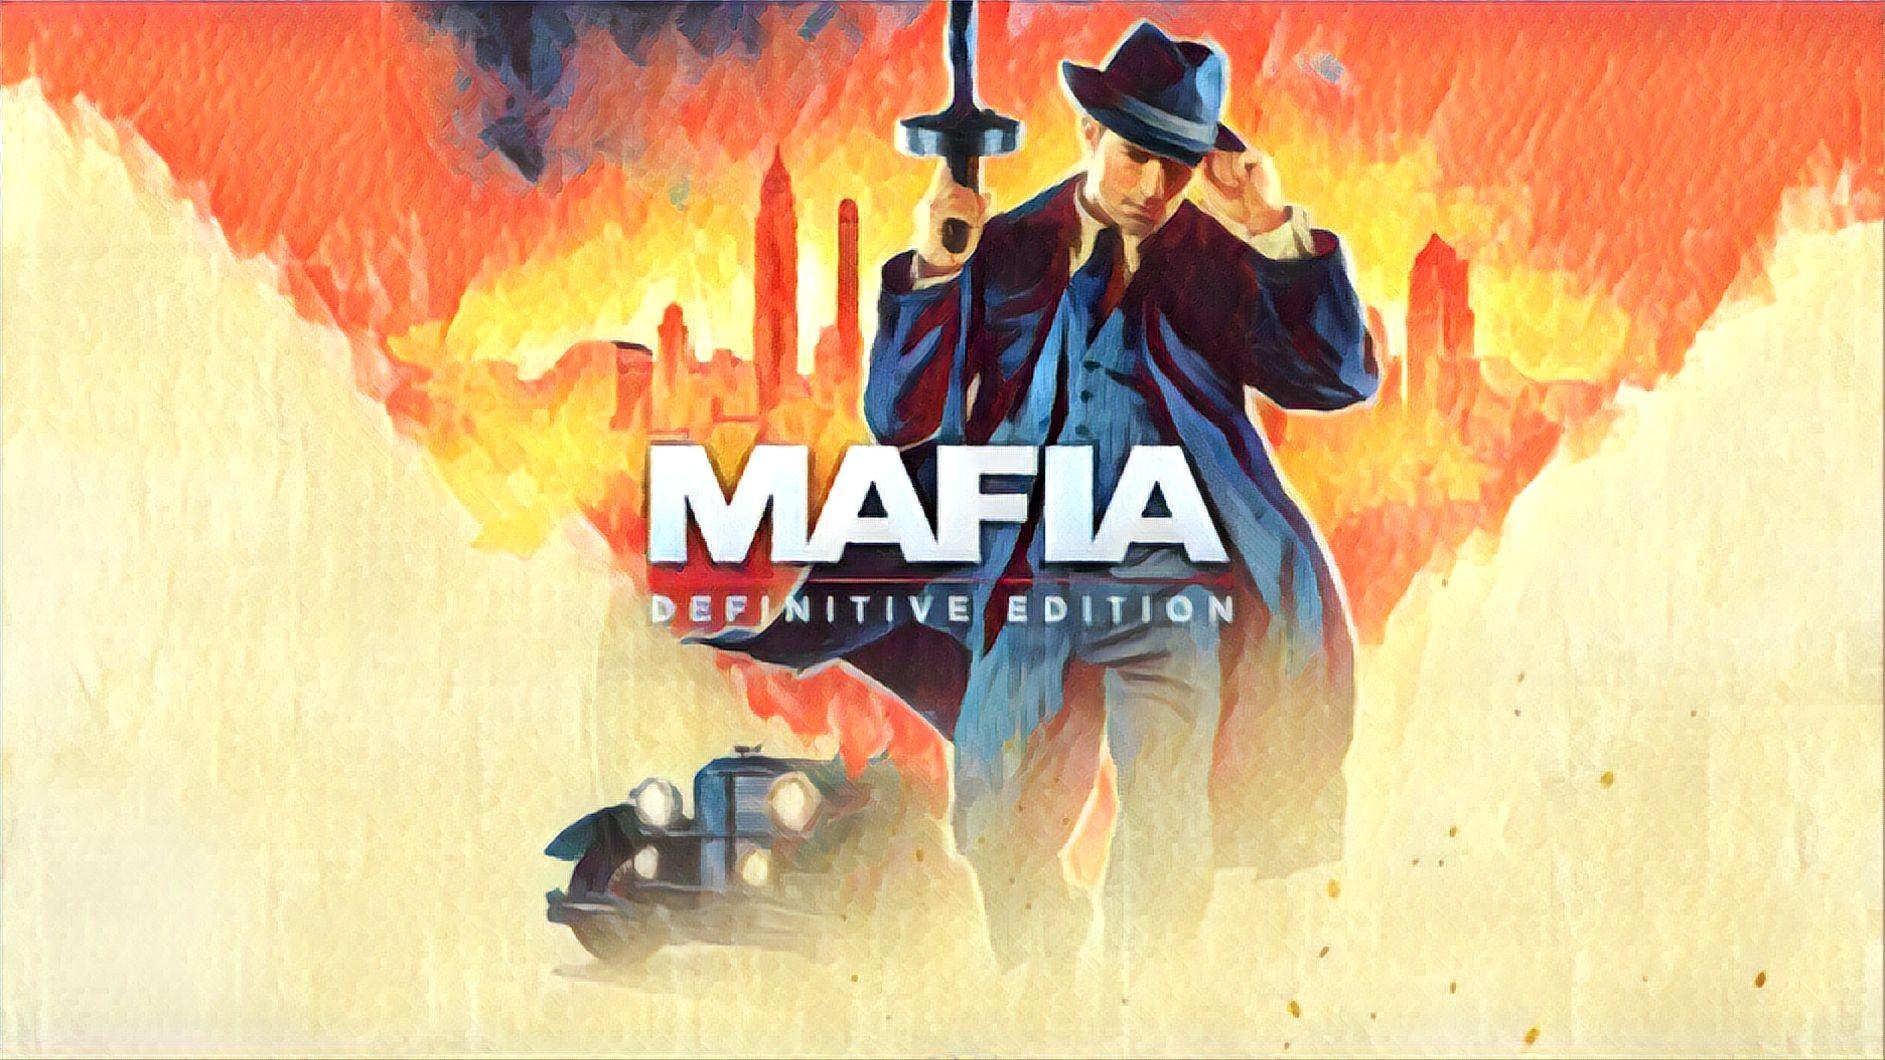 Лост-Хэвен изменился и ждёт игроков в новой Mafia